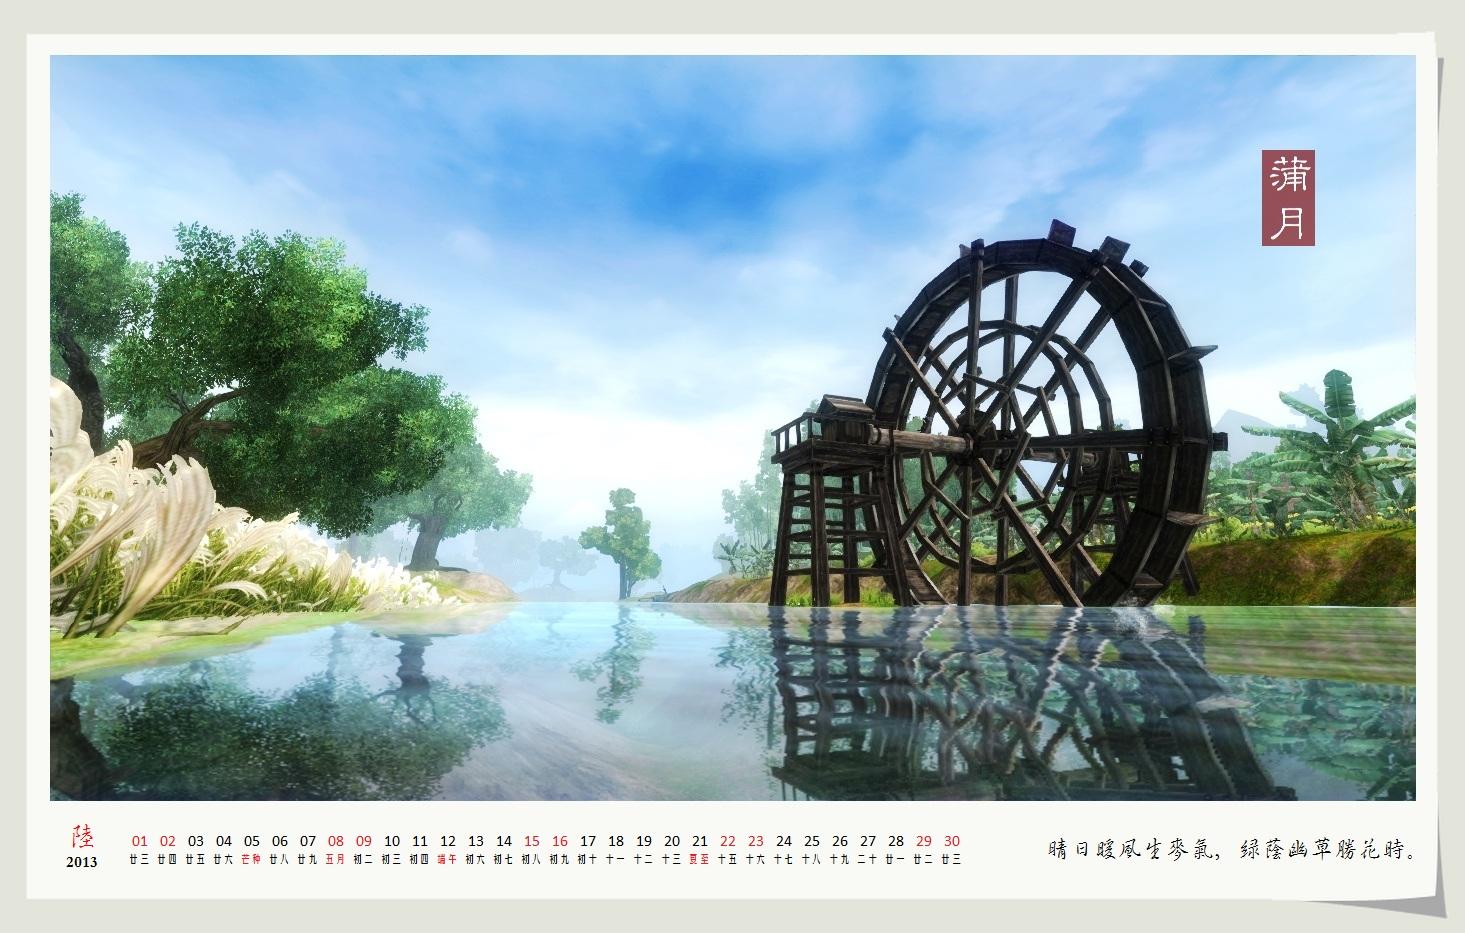 [打印本頁] 標題:   一個人看風景,墨跡出來的2013年劍三月歷.